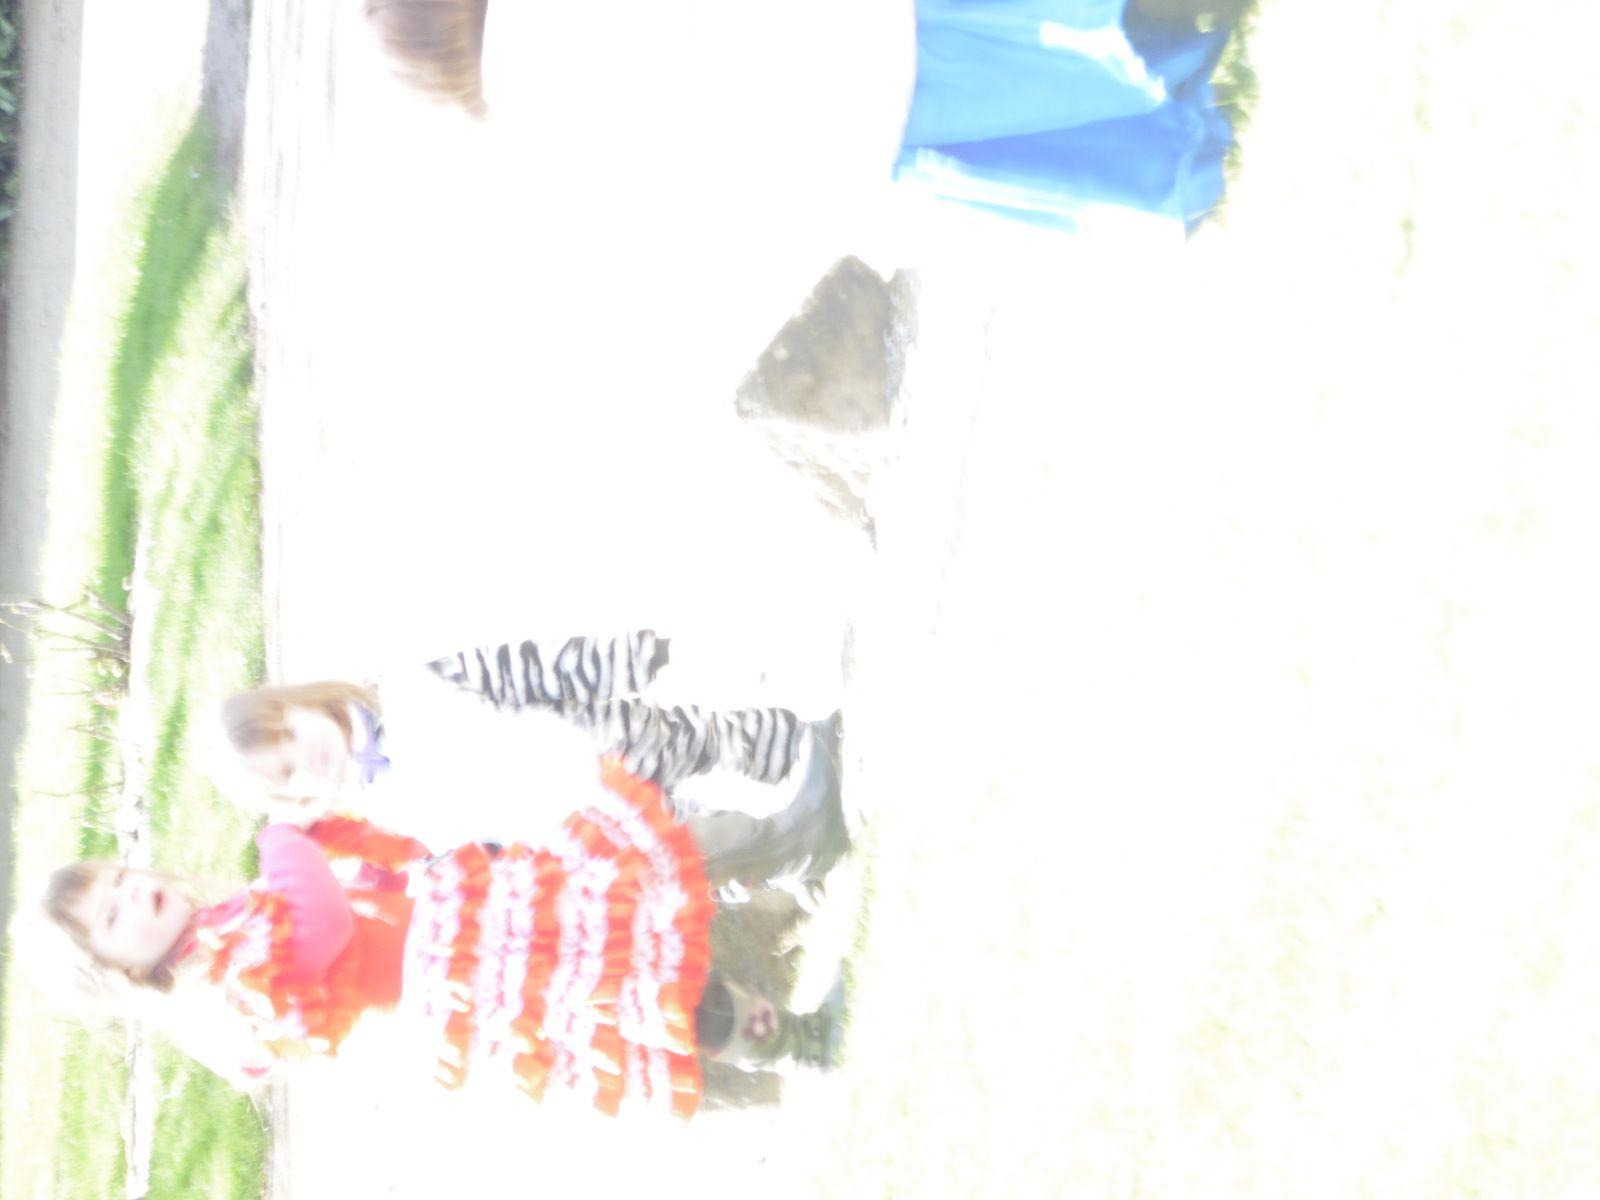 Dimanche Carnaval - oui dans mon village aussi ils appliquent mon dicton ! - agréable moment où les enfants ne veulent pas que ça s'arrêtent &#x3B;)